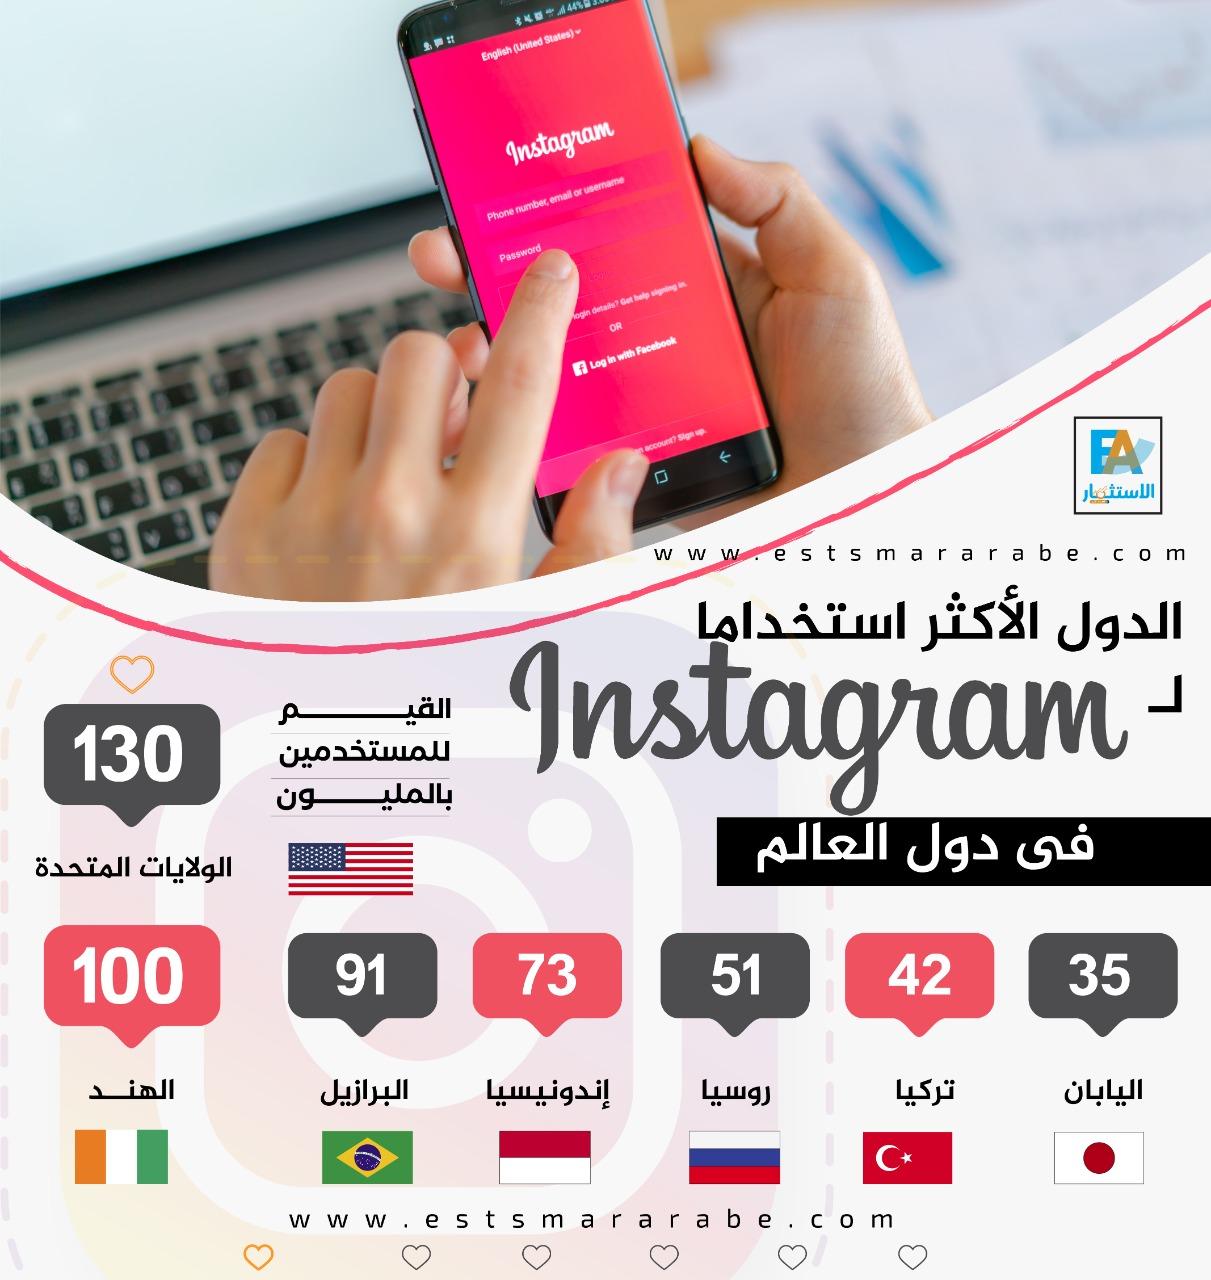 إنفوجرافيك||| تعرف علي أكثر الدول استخداماً لتطبيق انستجرام | جريدة الاستثمار العربي